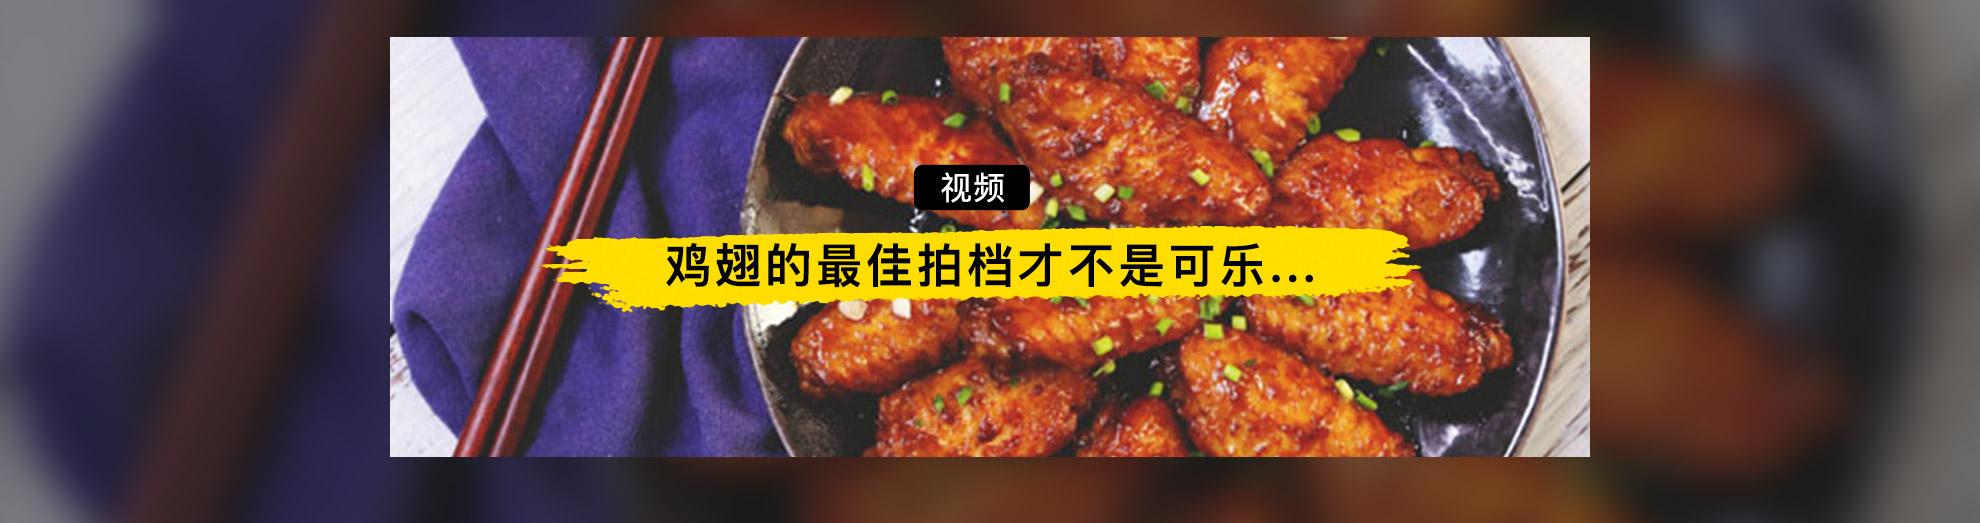 鸡翅花式吃法,用腐乳做的你吃过吗?}